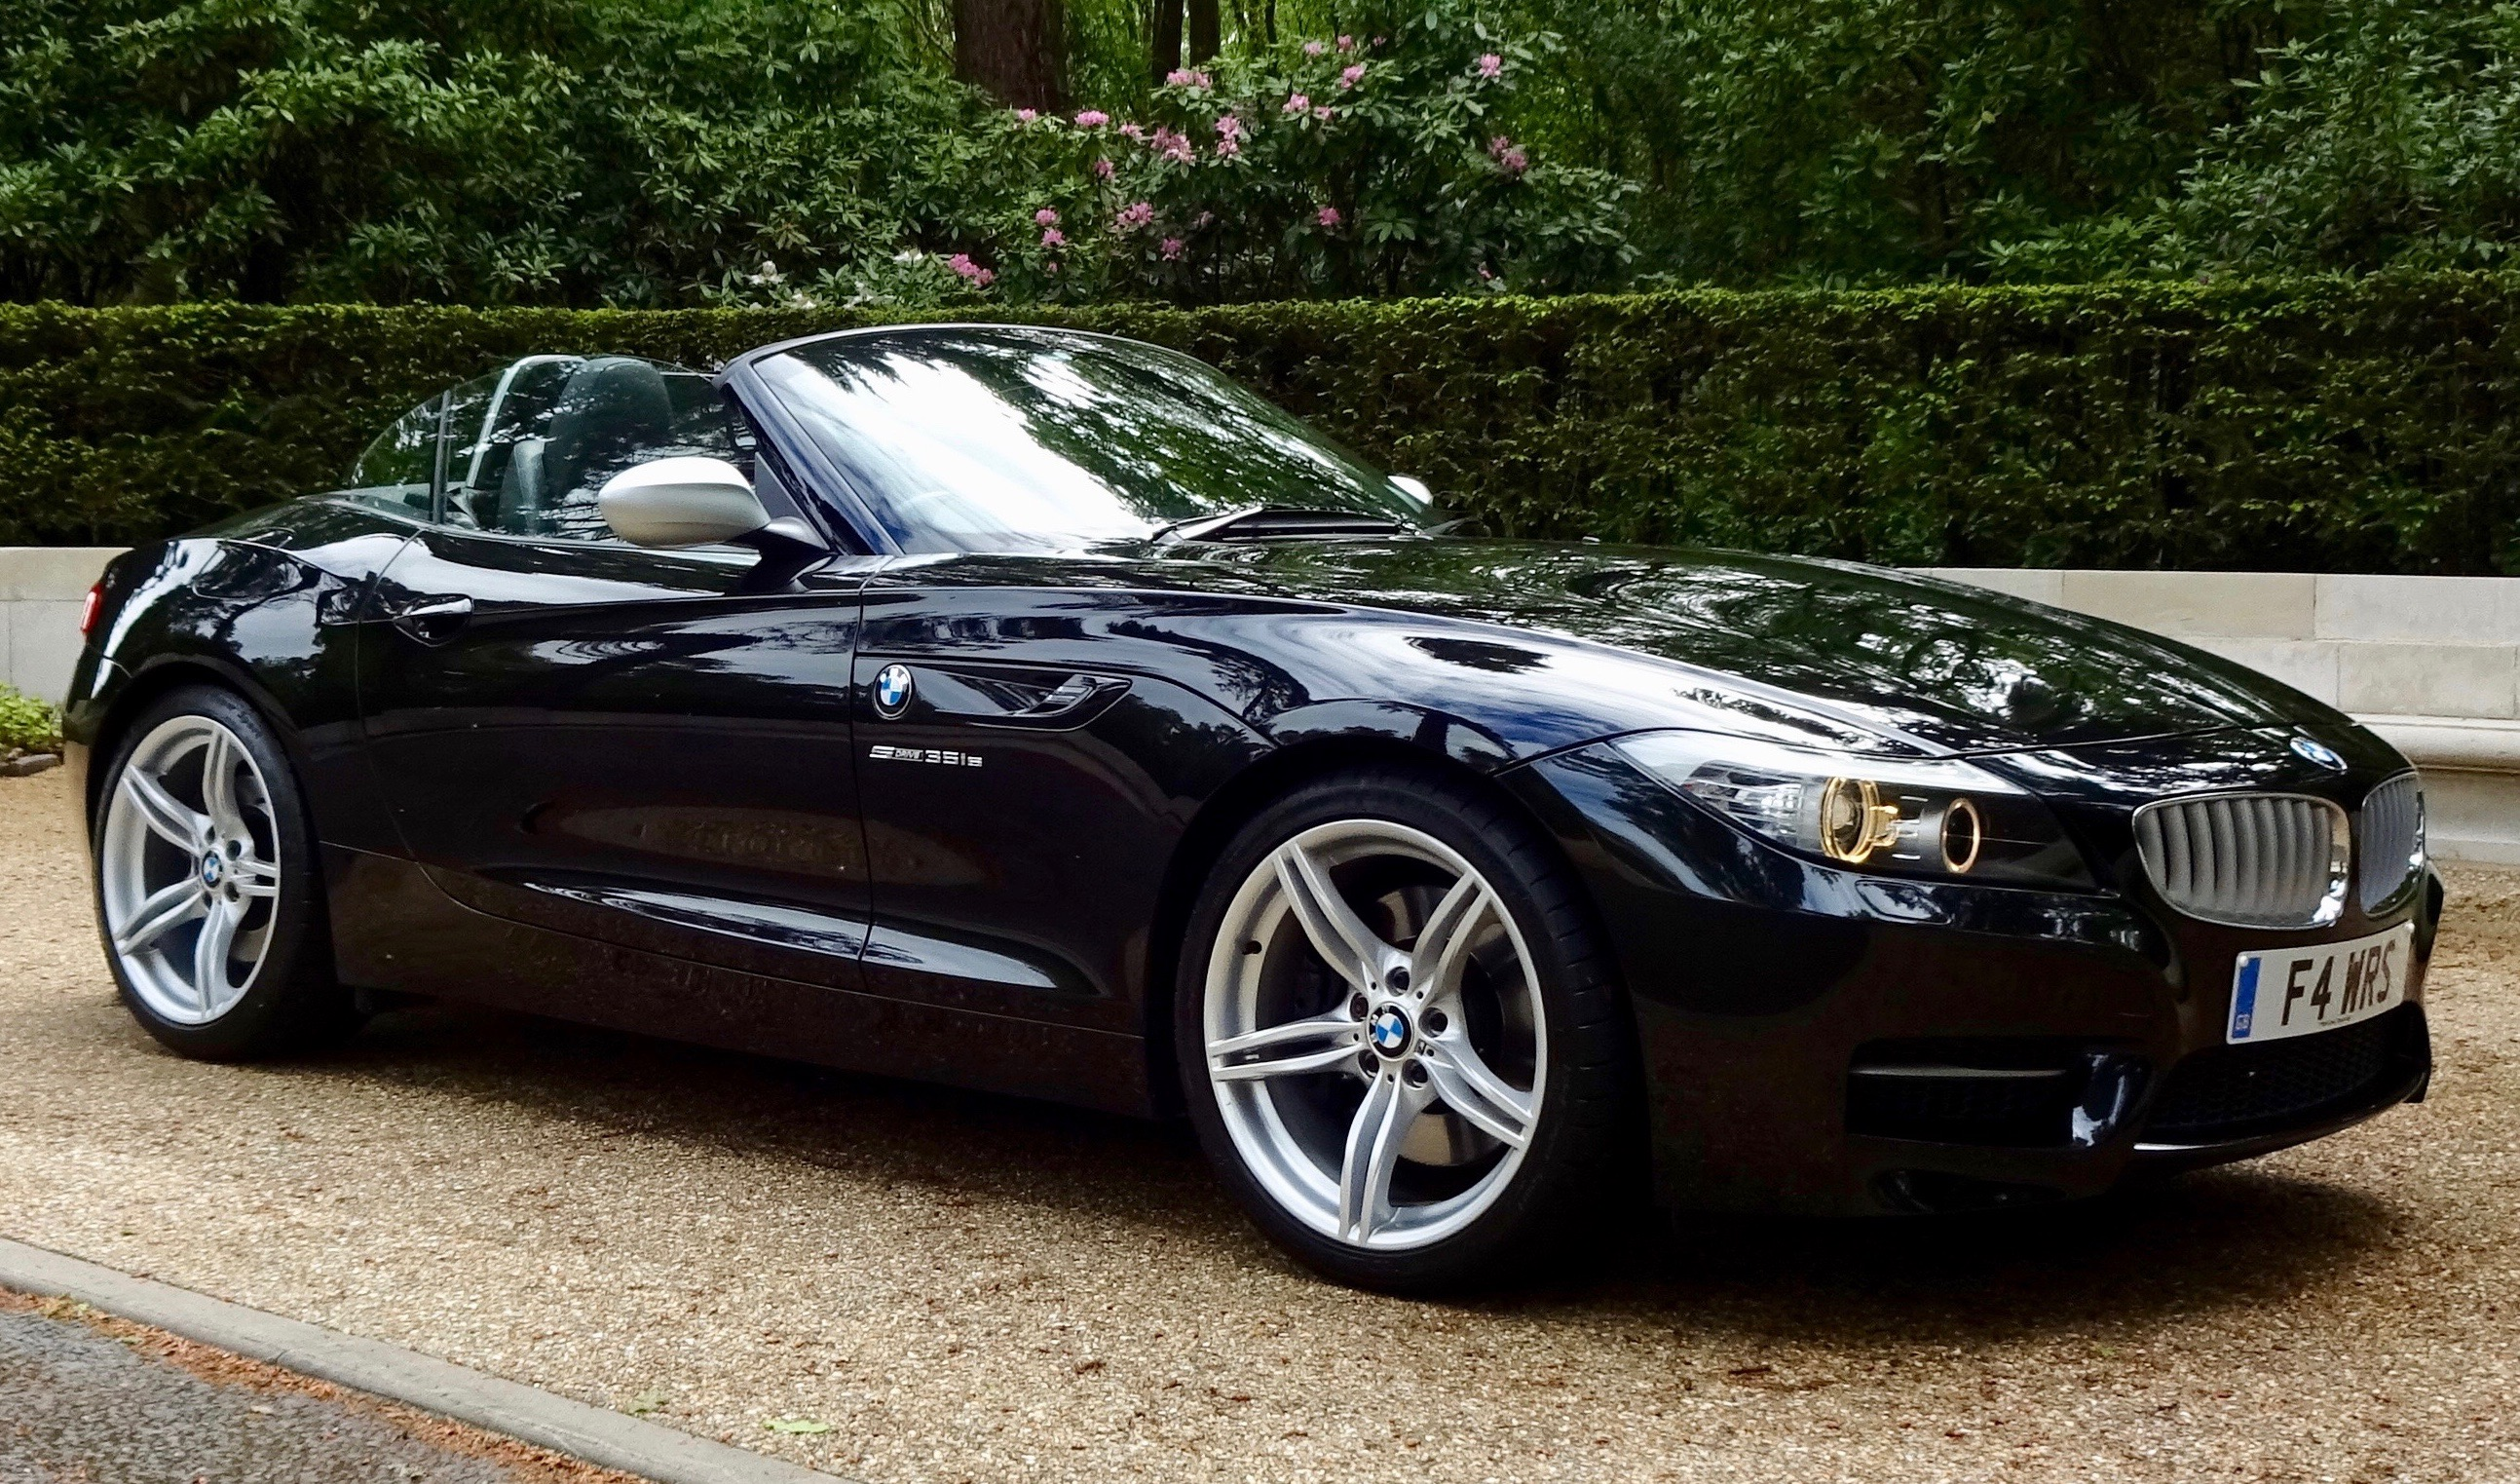 2010 Sapphire Black 35is Sold Z4 Forum Com